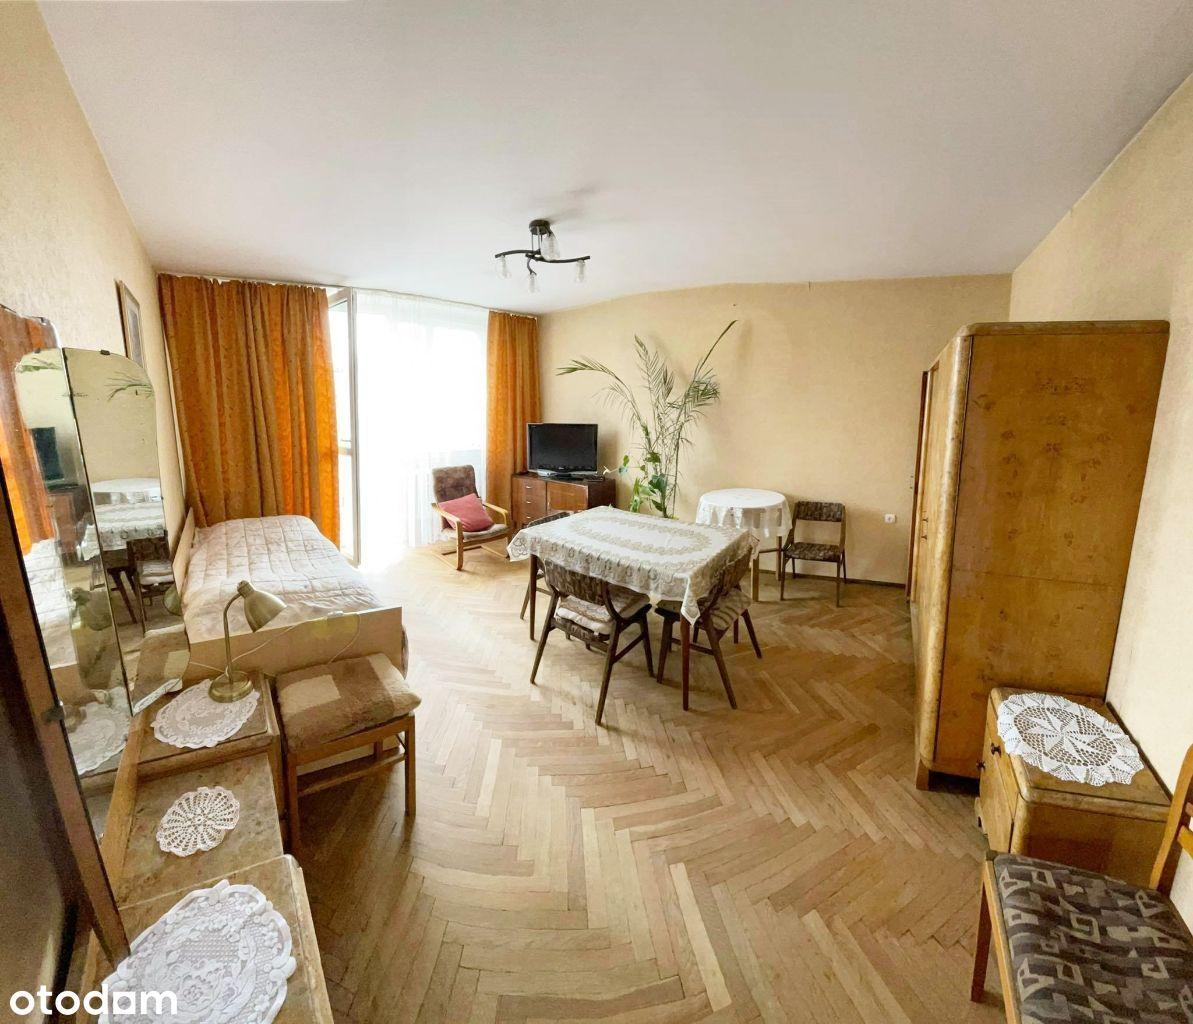 Mieszkanie 2 pokoje 48m2 ul. Żabikowska 62H